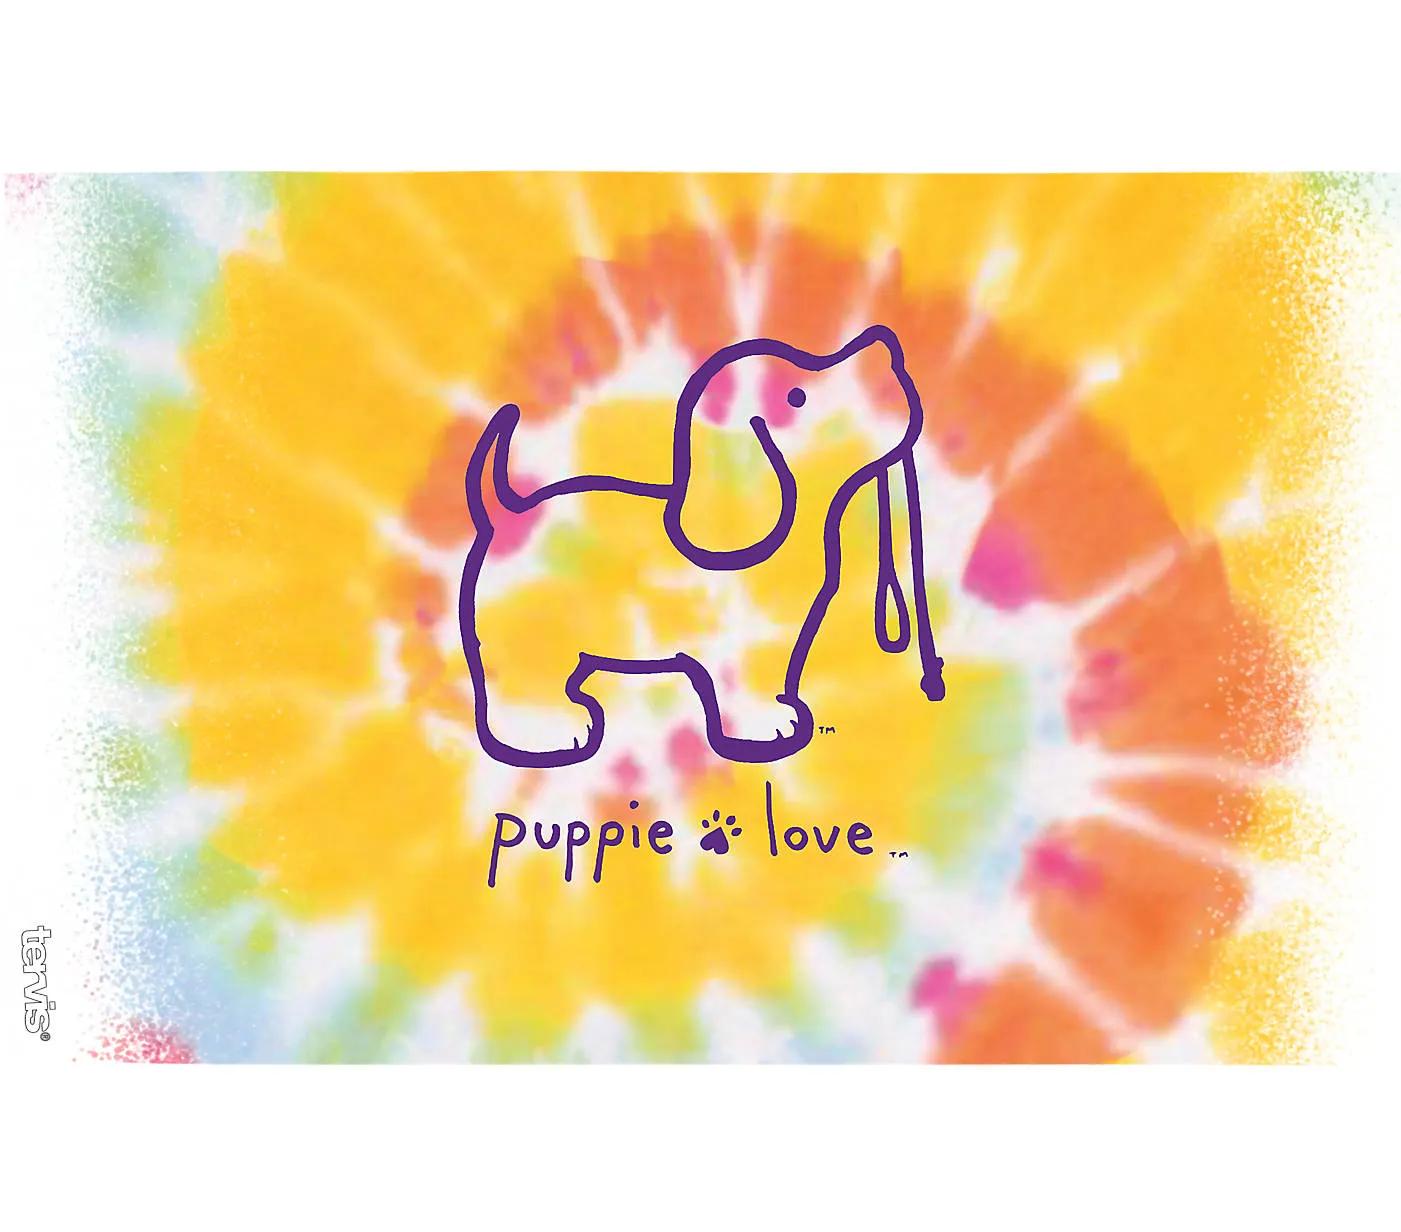 Puppie Love - Tie Dye Puppy 16oz. by Tervis